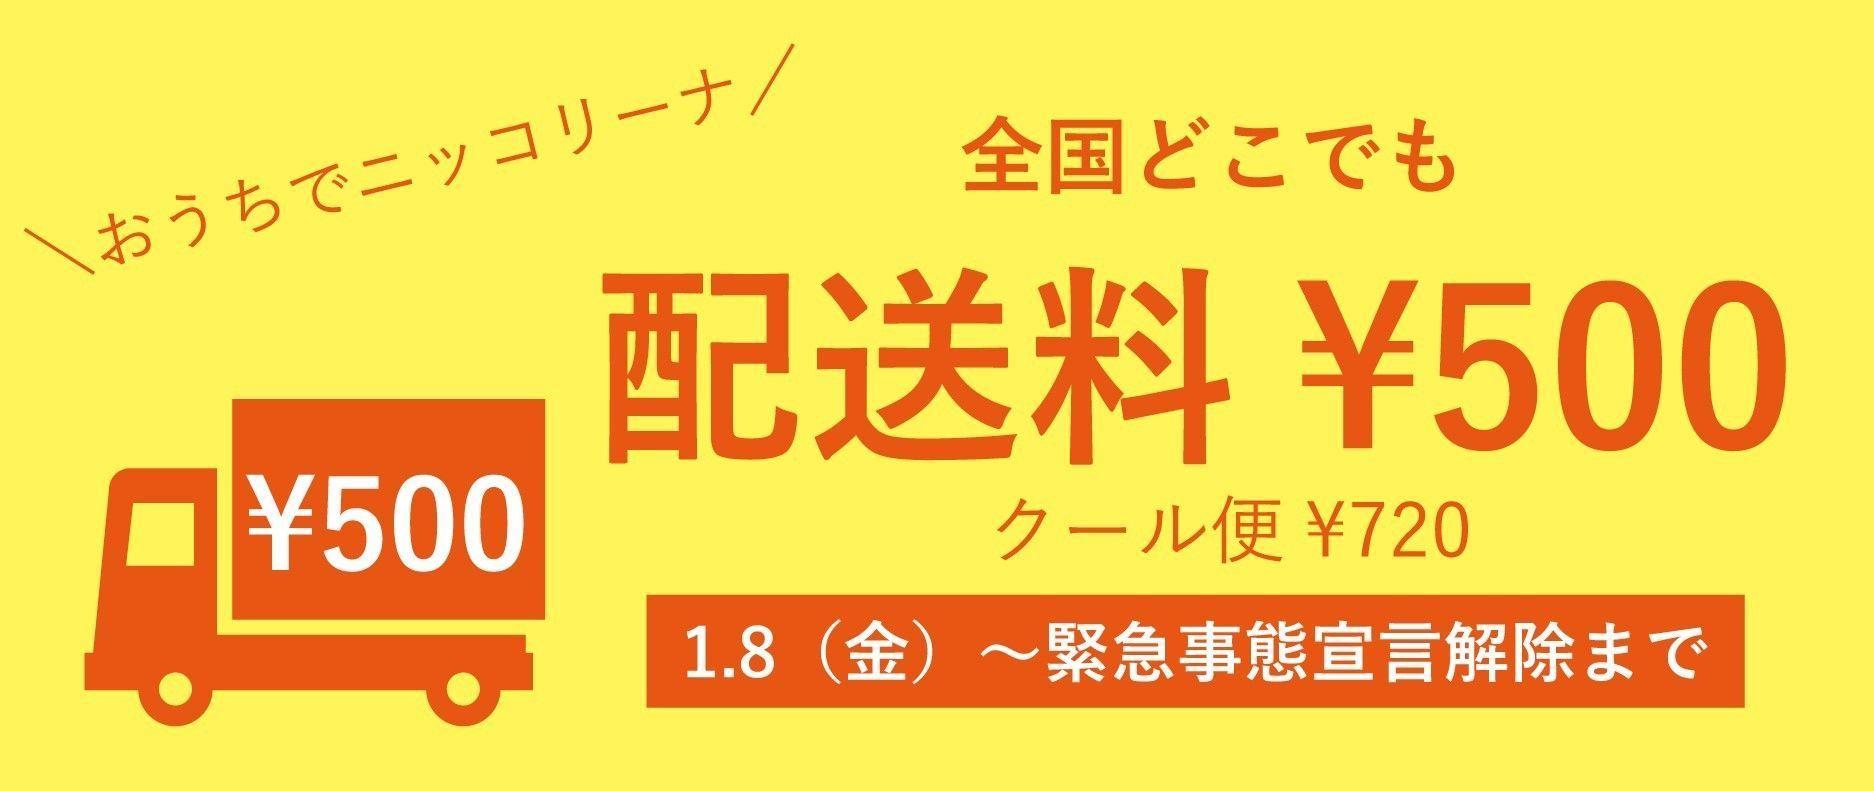 配送料500円キャンペーン